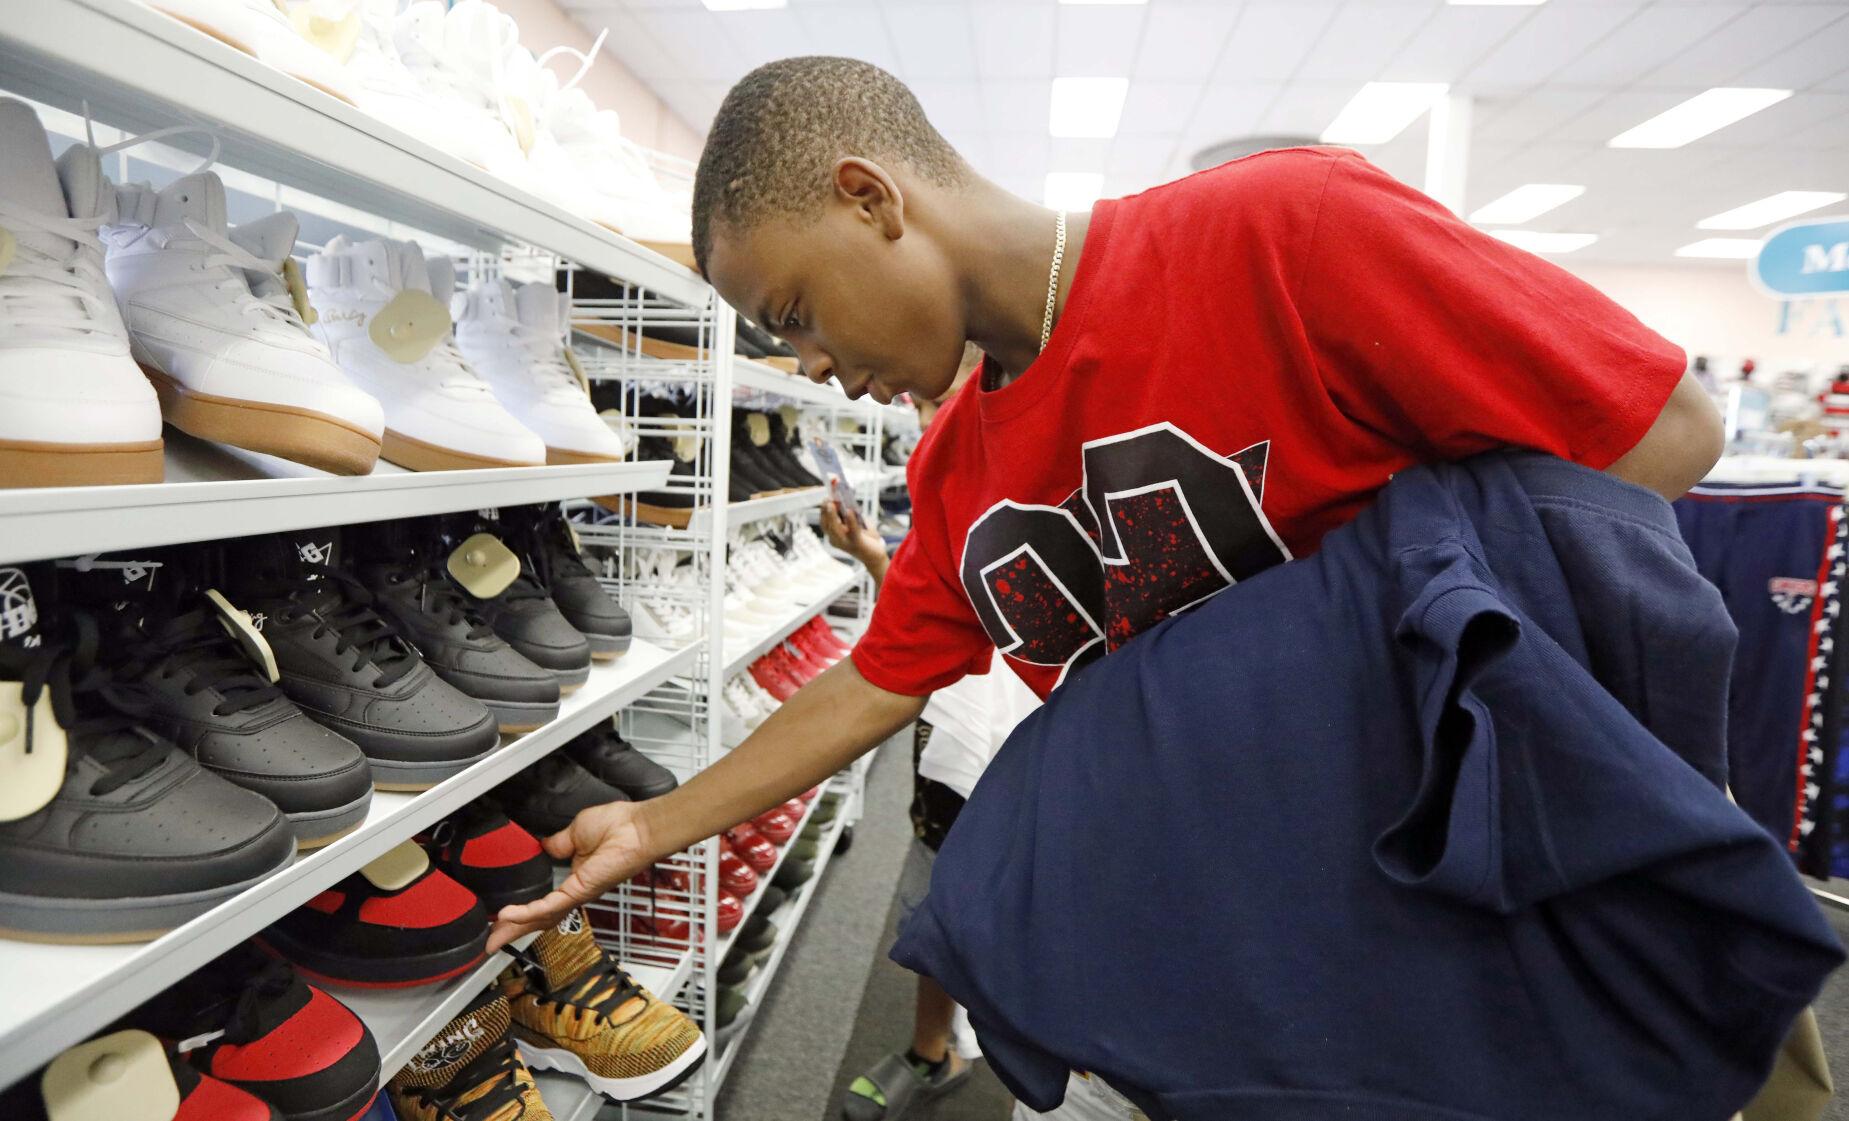 Shop sales tax-free this weekend in West Virginia